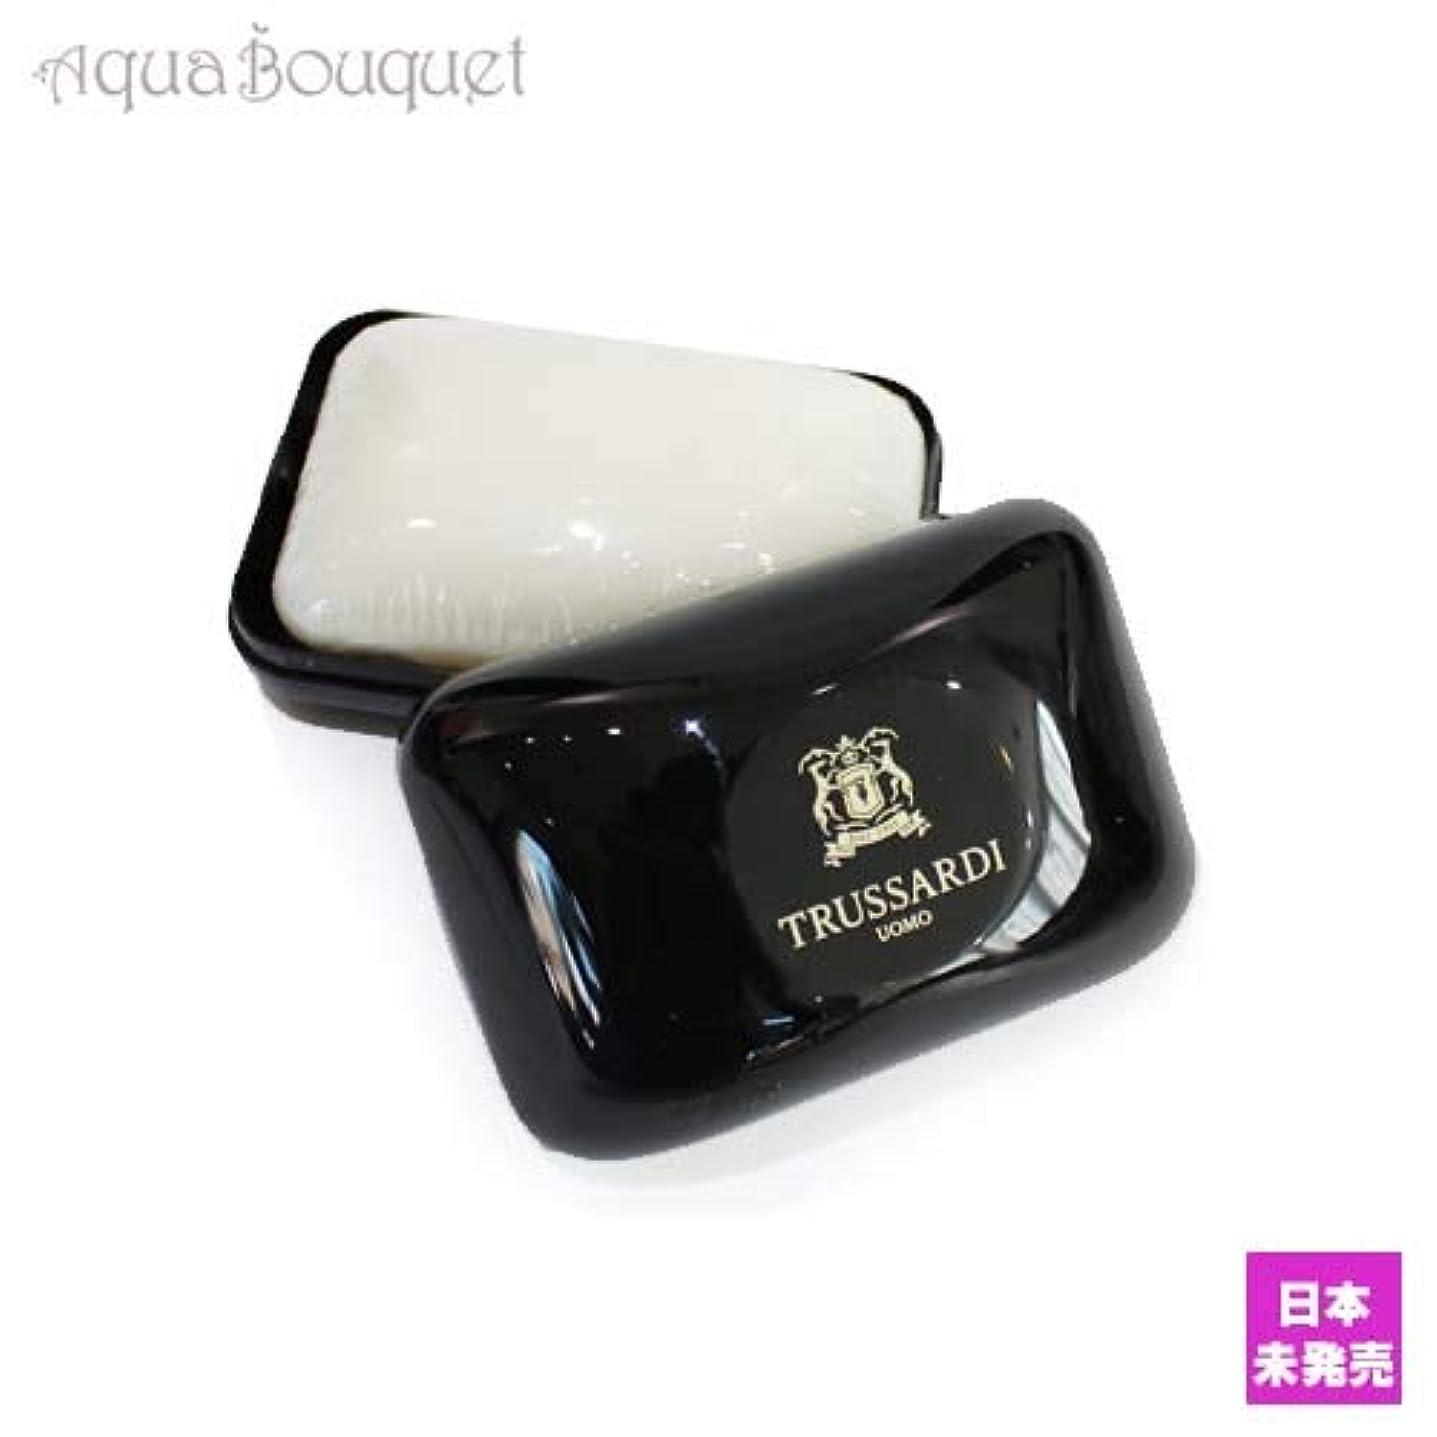 アルファベットロール処理トラサルディ ウォモ ソープ 100g(ケース付き)TRUSSARDI UOMO SOAP [7216] [並行輸入品]